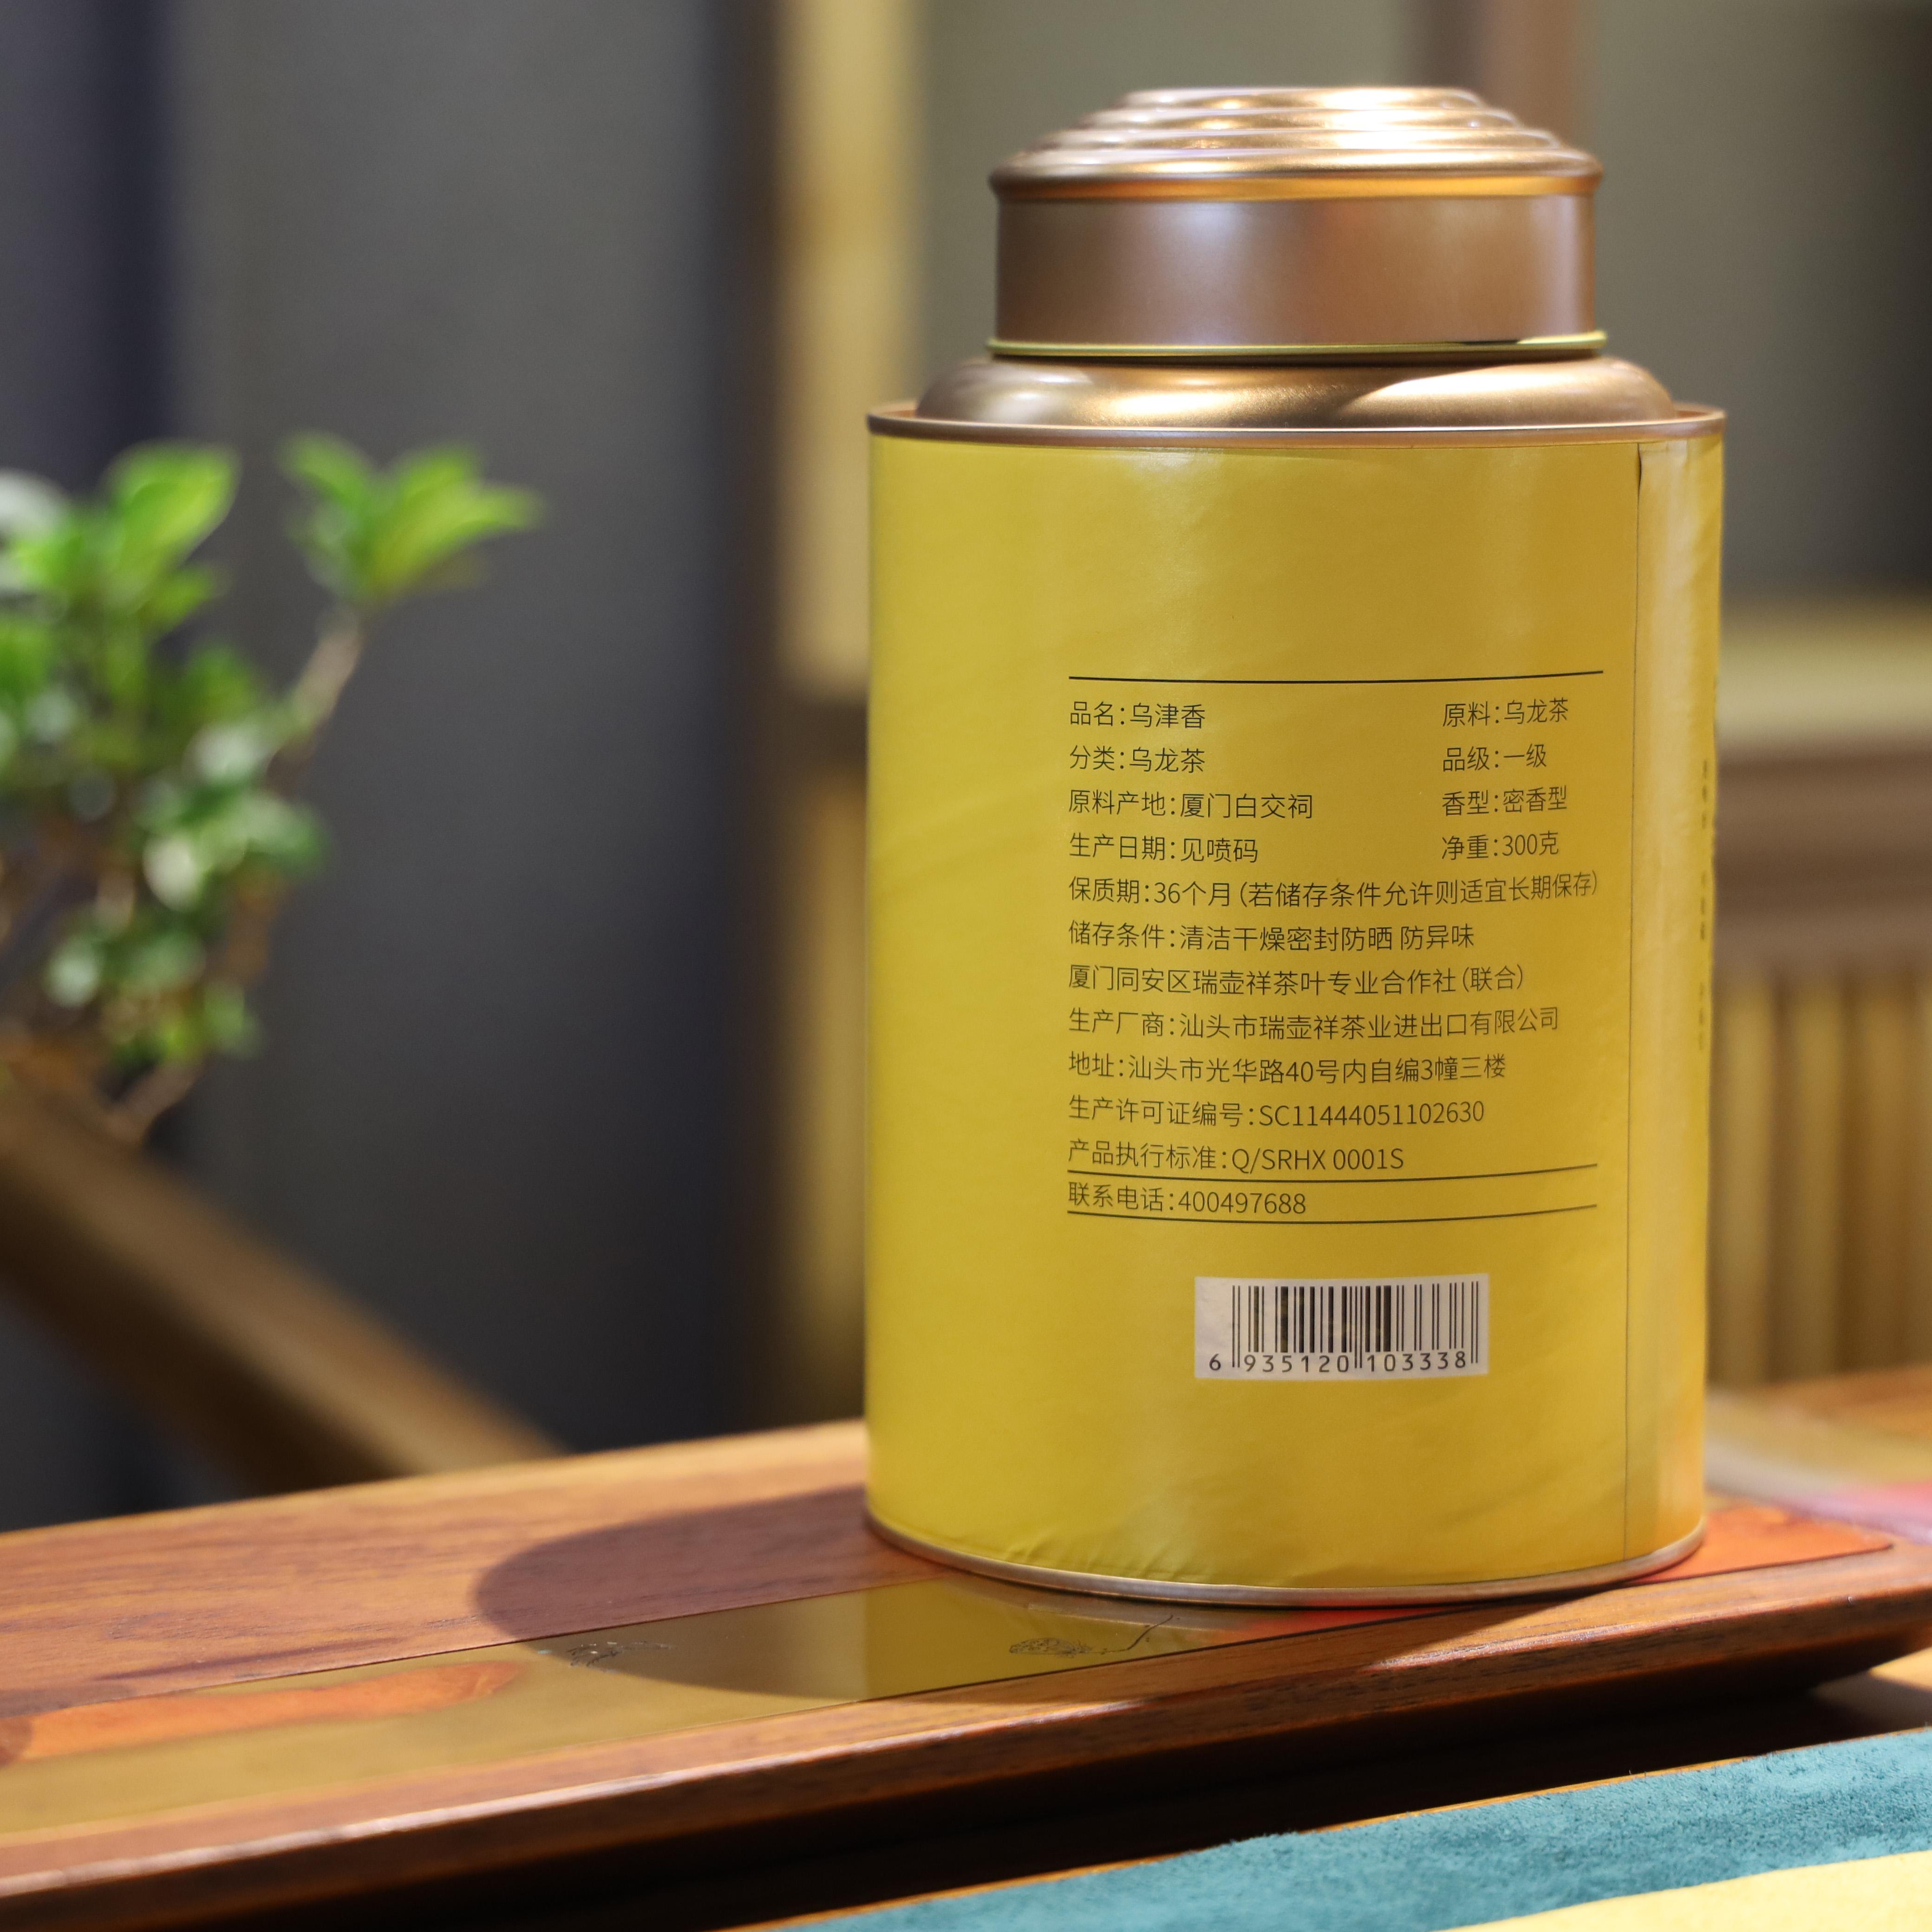 300g 福建一级茶叶蜜香型新茶高山古法乌龙茶罐装 2019 瑞壶祥乌津香